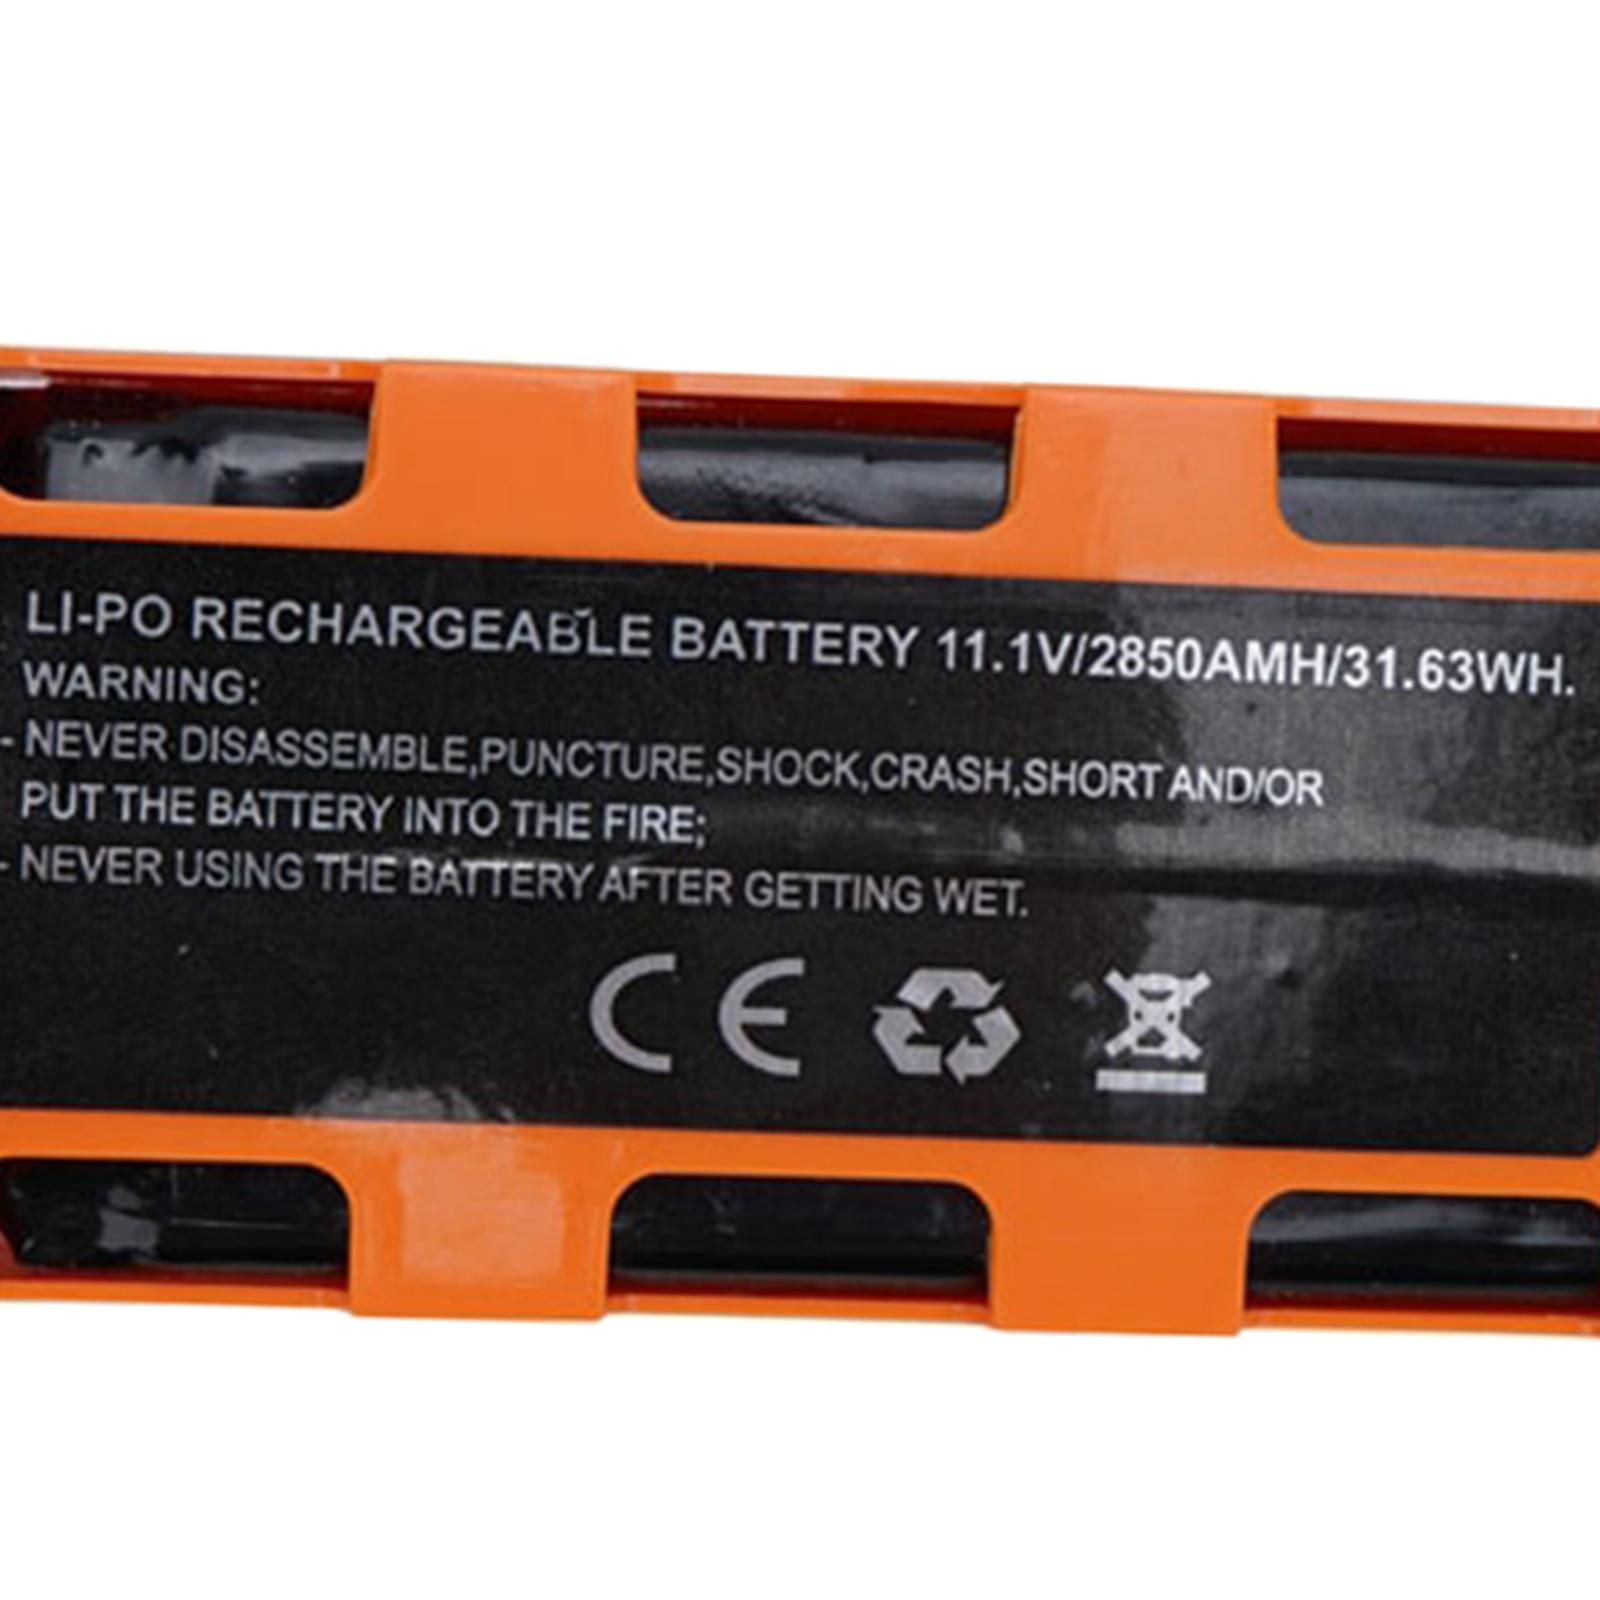 1 bateria li-po dos pces 11.1v 2850mah para a substituição das baterias do zangão de jjrc x17 rc